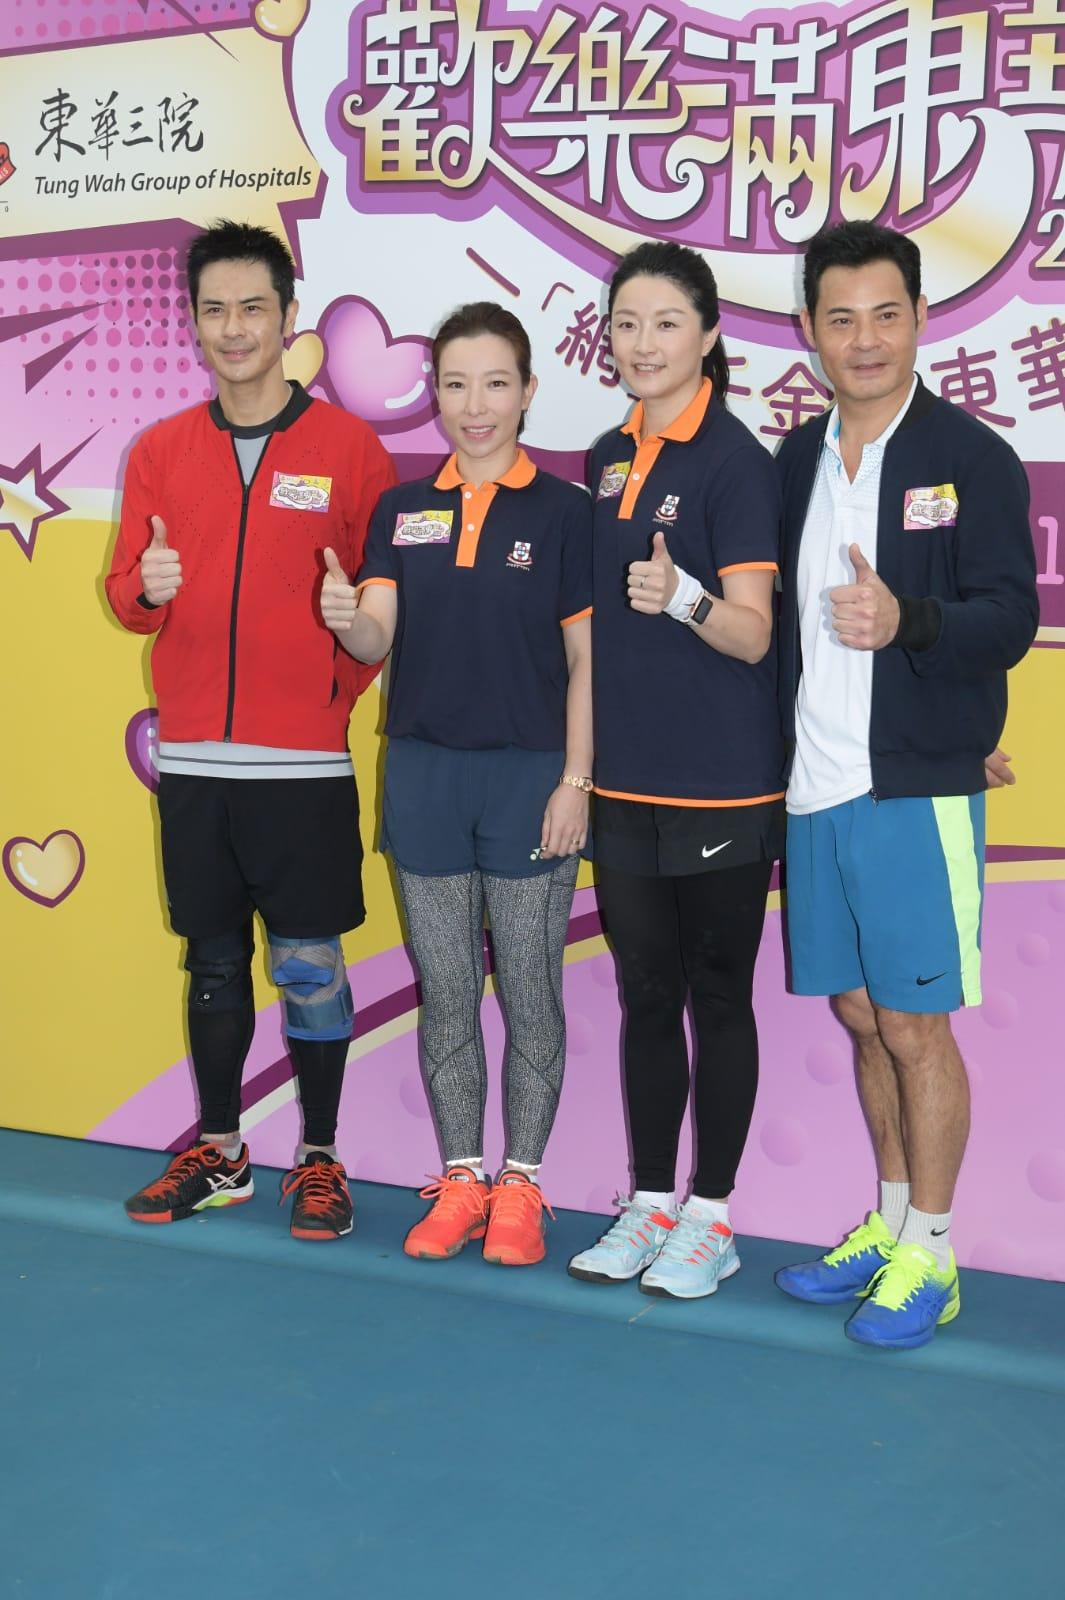 鄭嘉穎、黃智賢(右)與中國網球運動員鄭潔及總理晏紫為《歡樂滿東華》節目錄影。